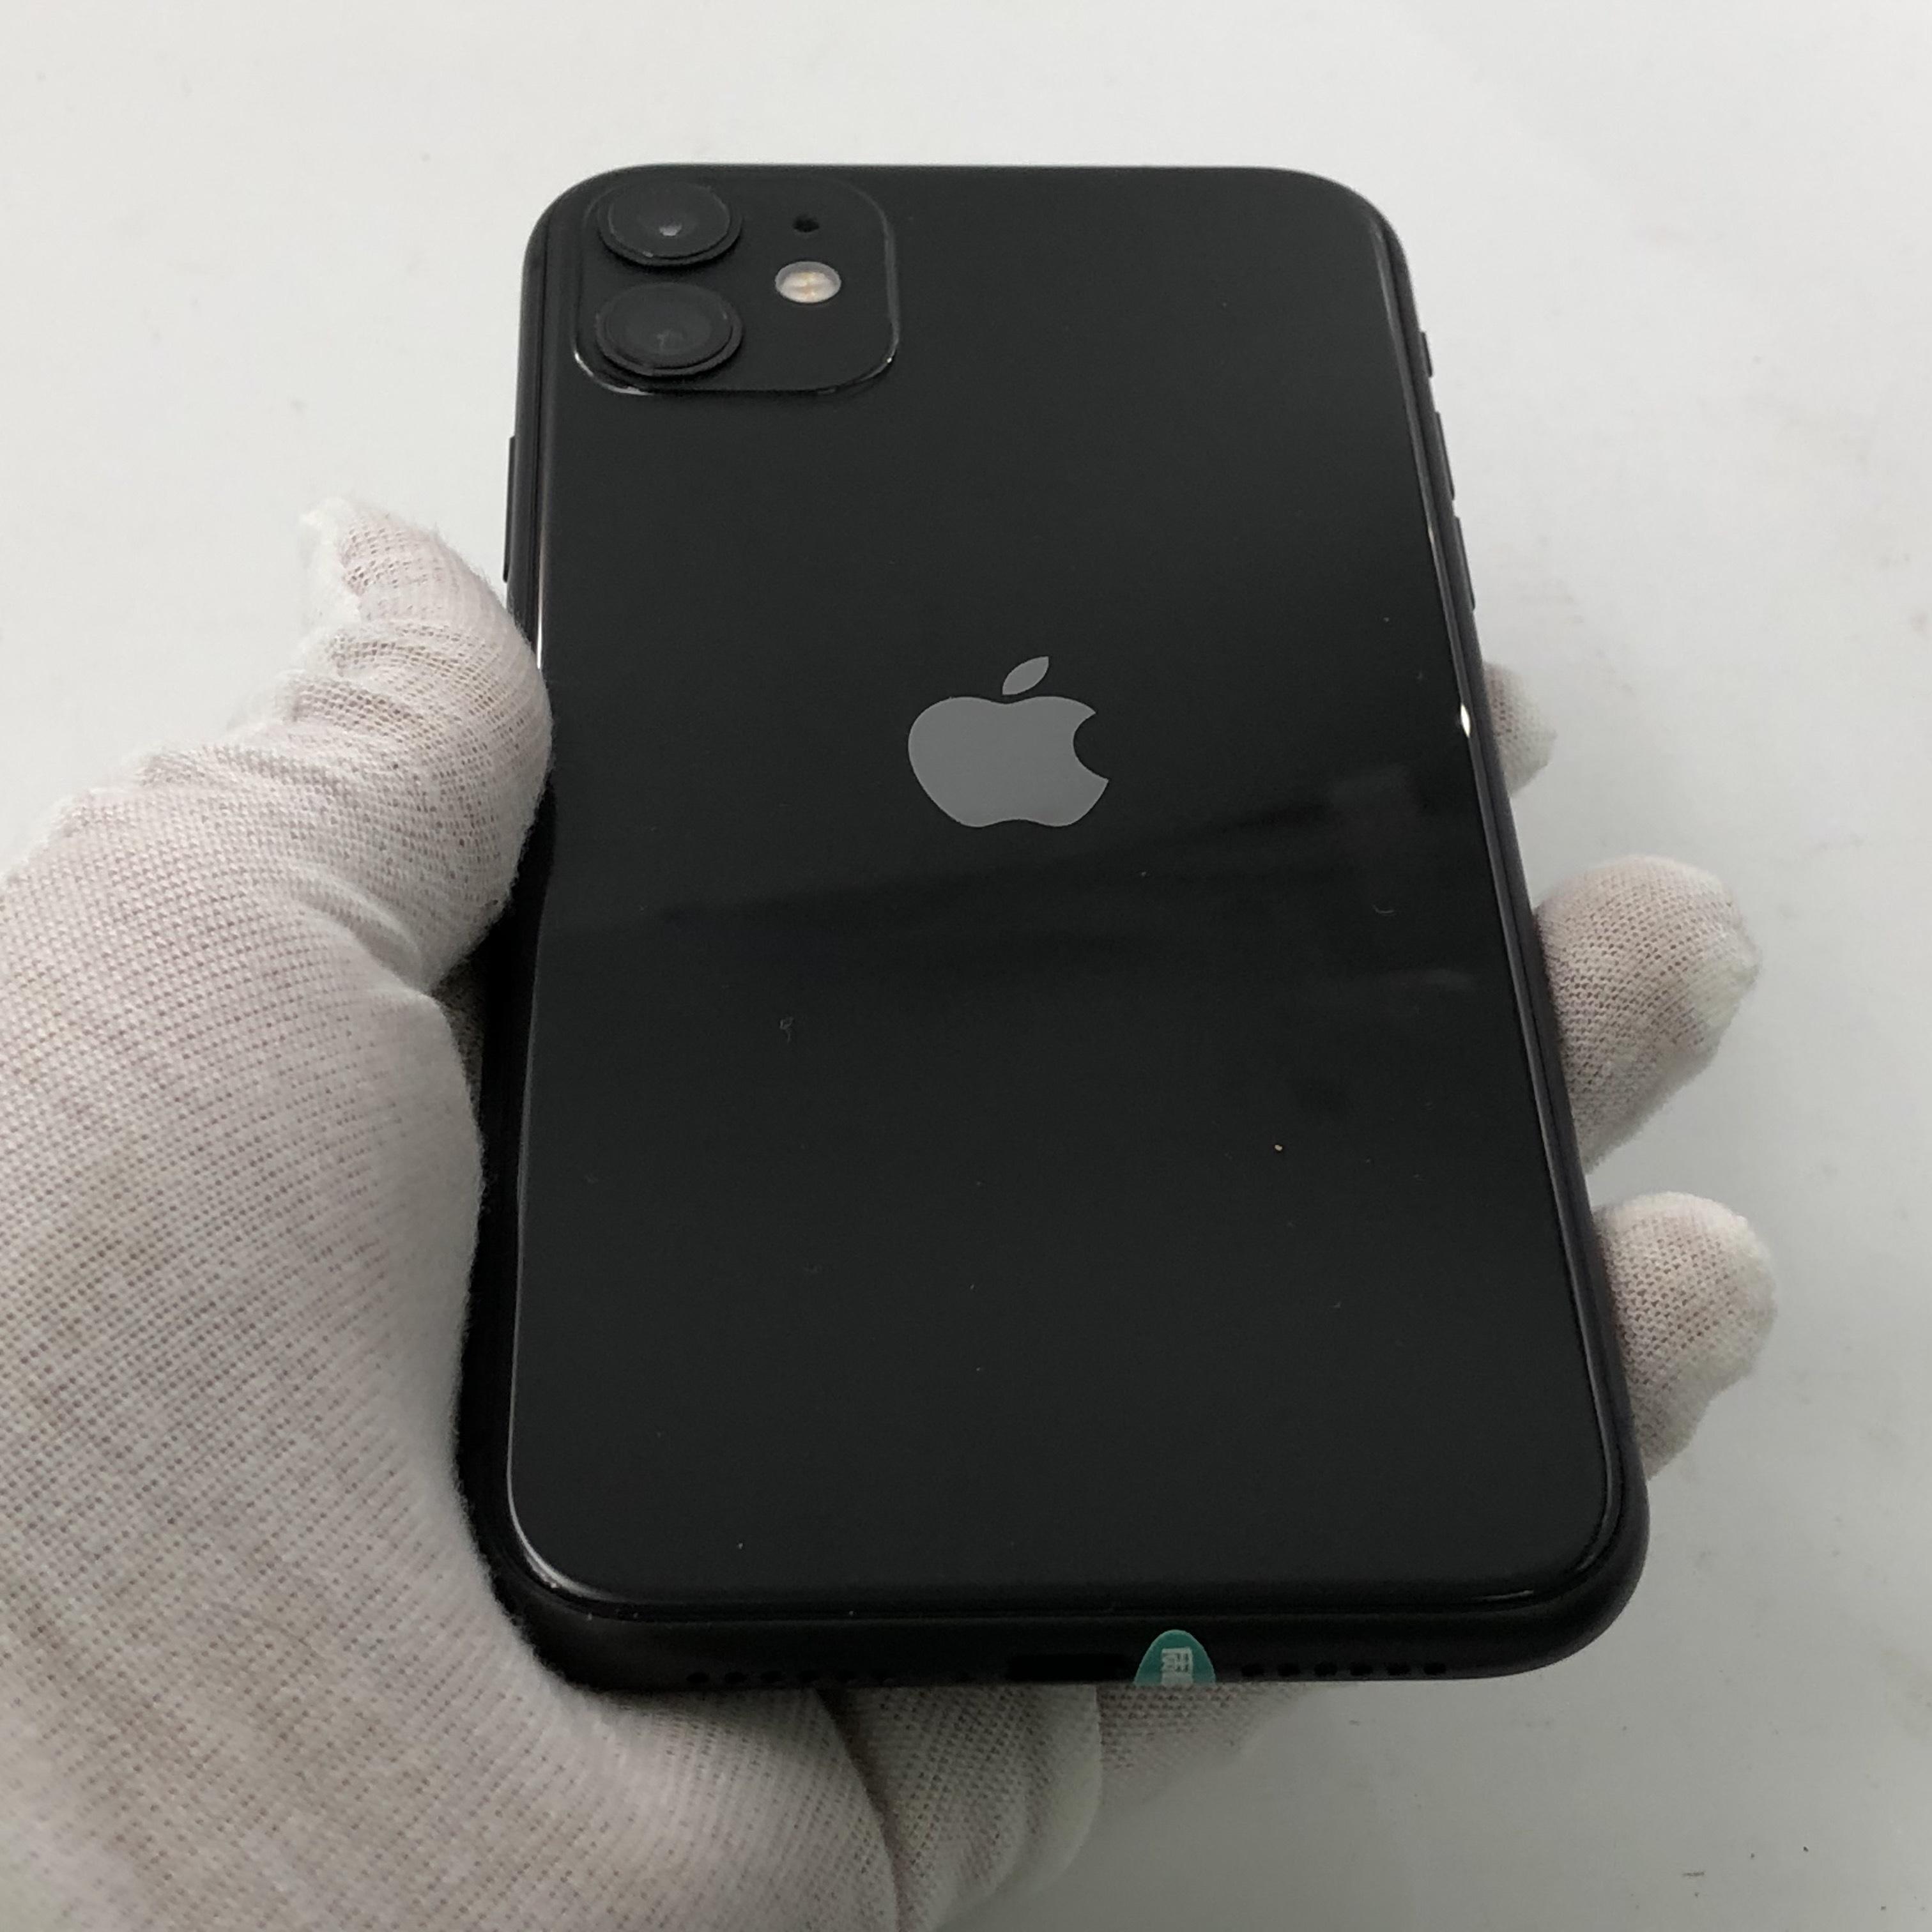 苹果【iPhone 11】全网通 黑色 128G 国行 95新